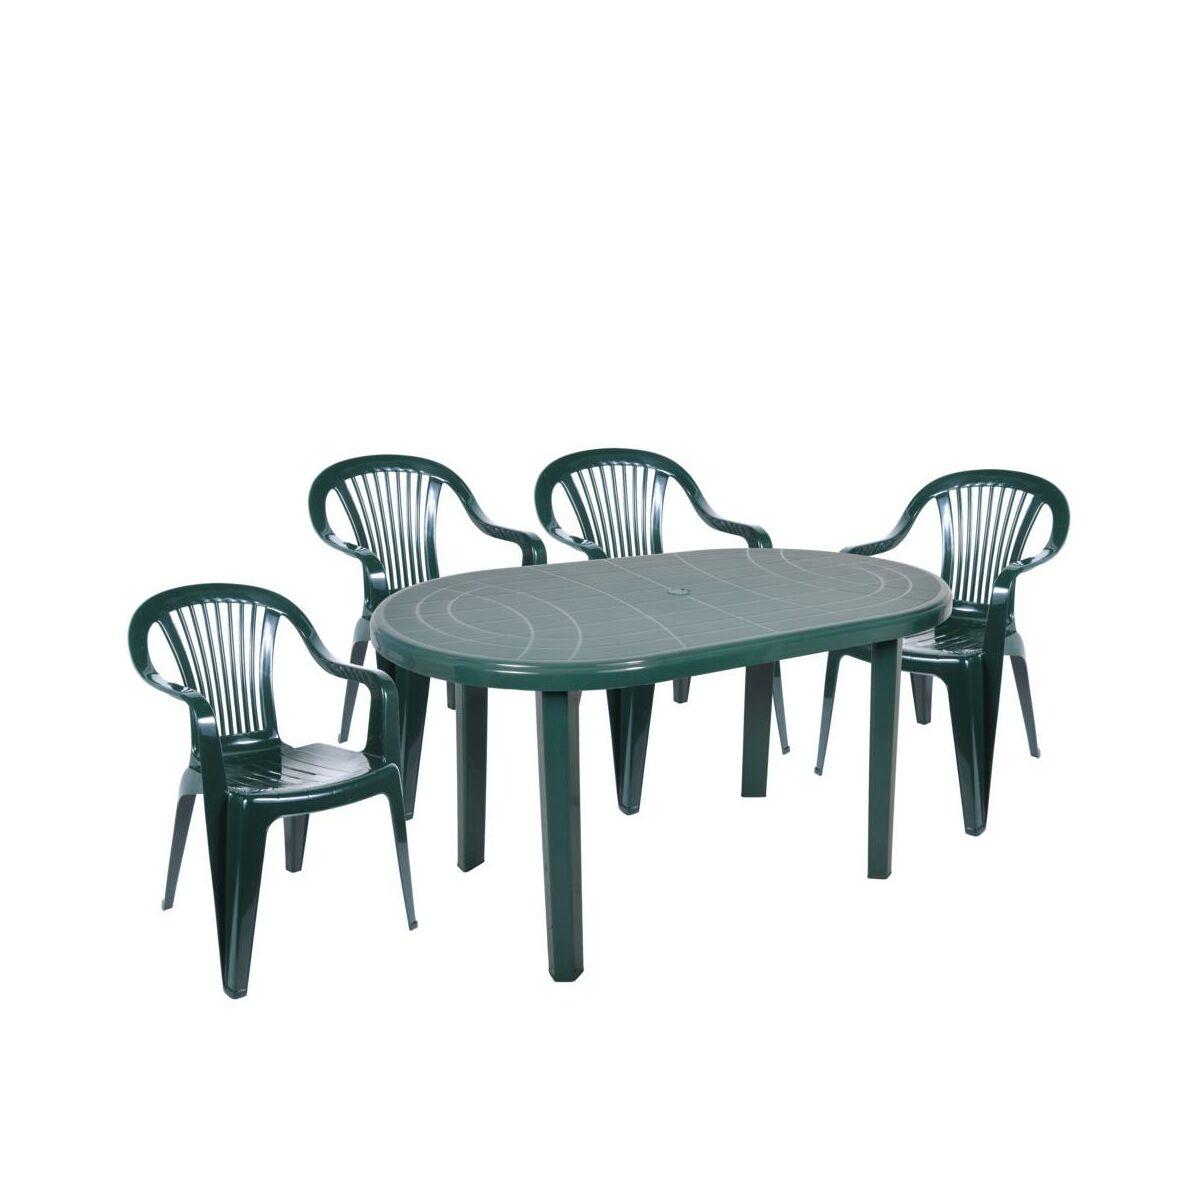 Stół Ogrodowy 70 X 135 Cm Jantar Plastikowy Zielony